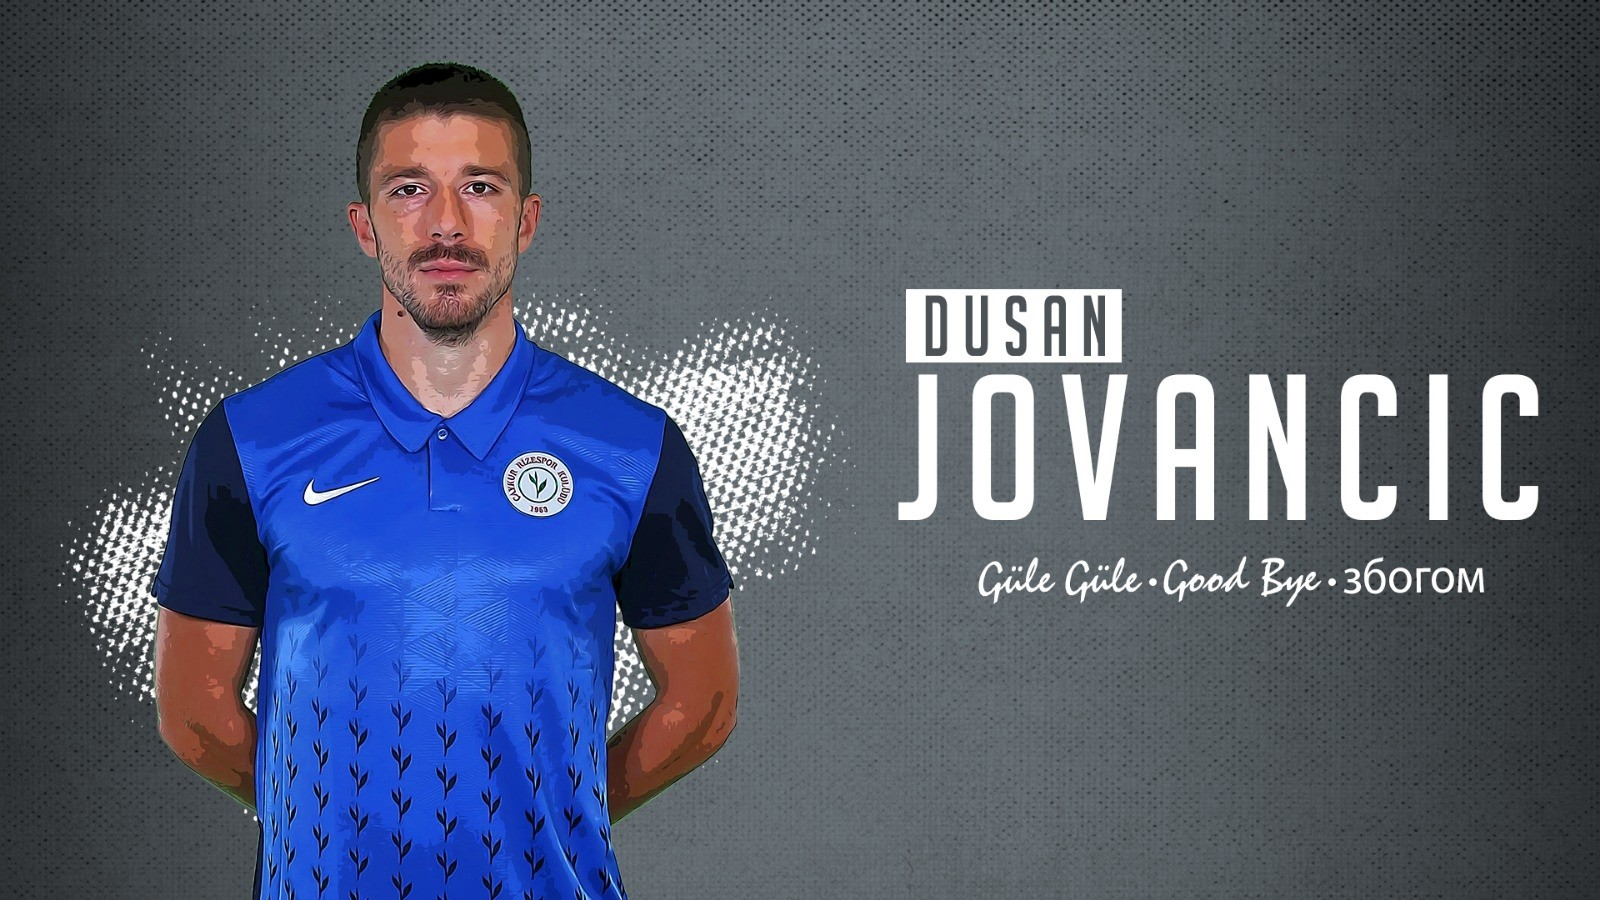 Çaykur Rizespor Dusan Jovancic ile yollarını ayırdı